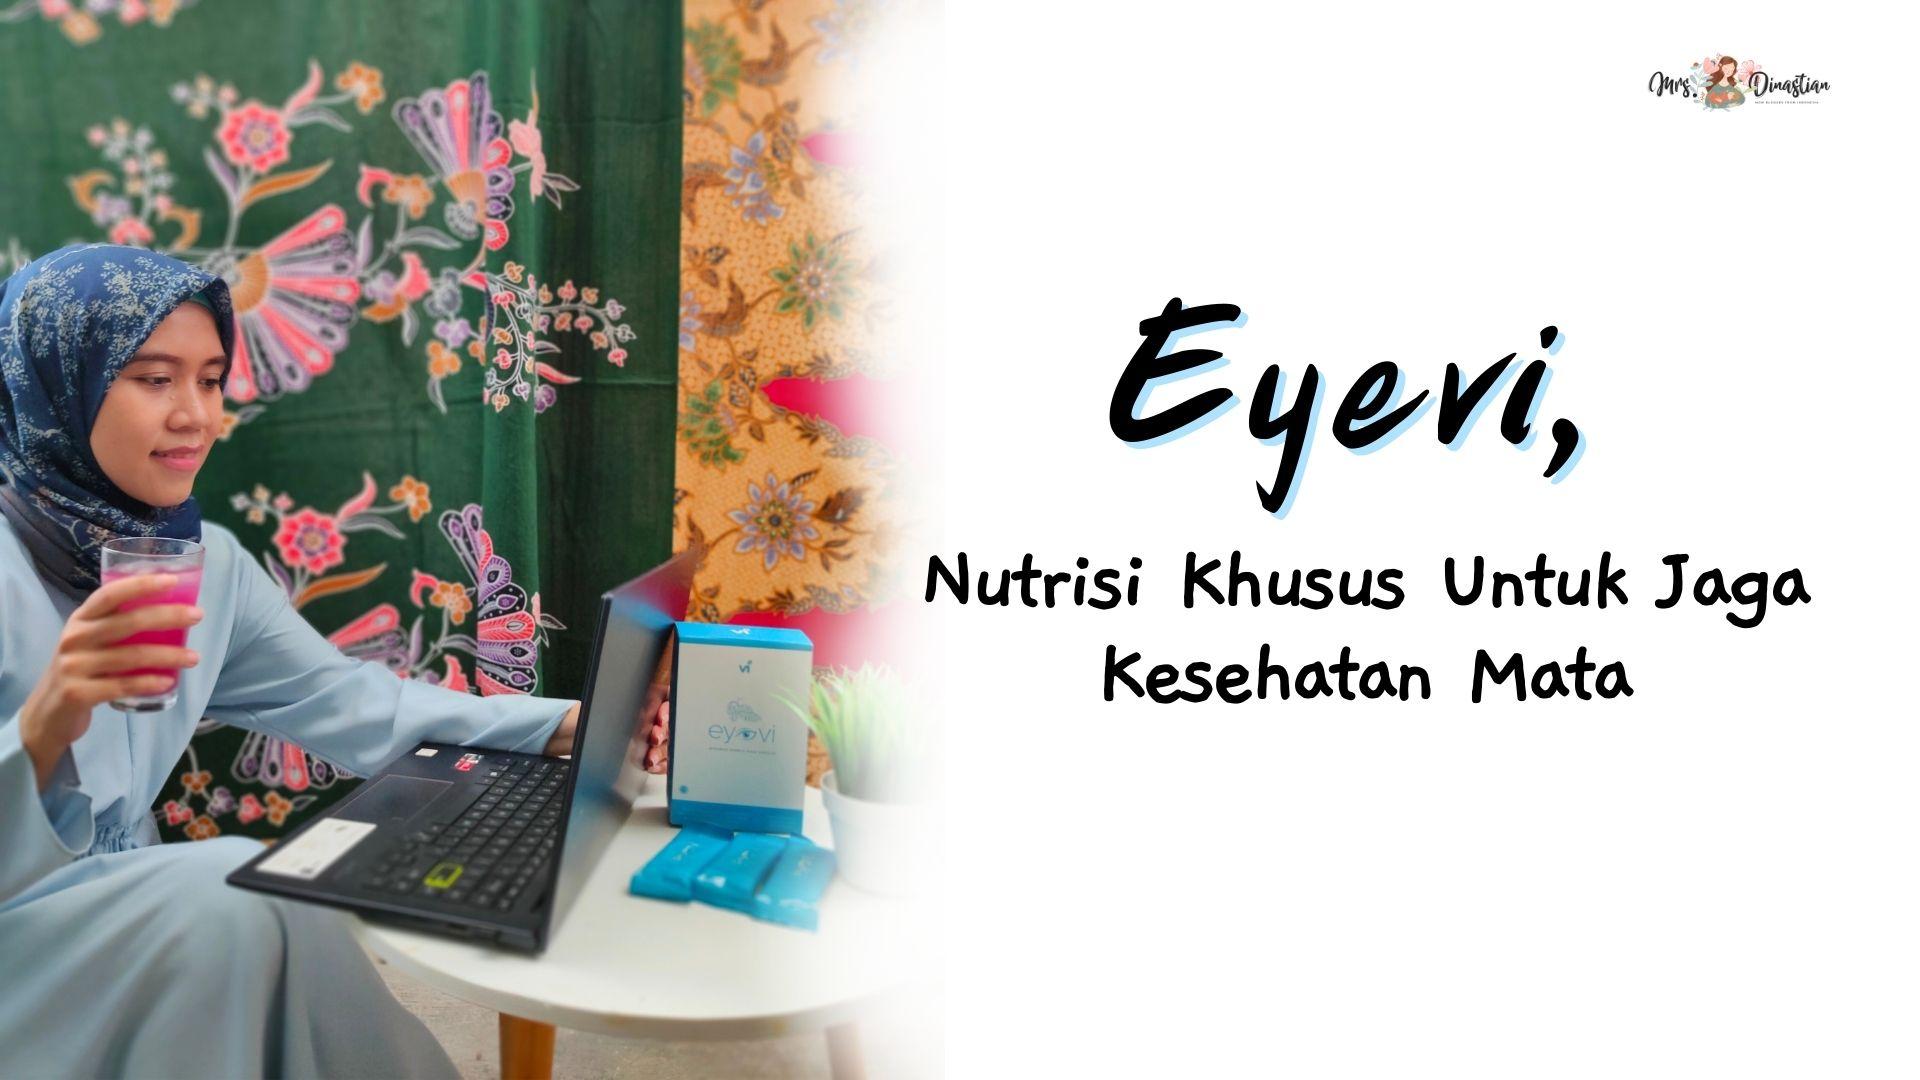 Eyevi, Nutrisi Khusus Untuk Jaga Kesehatan Mata